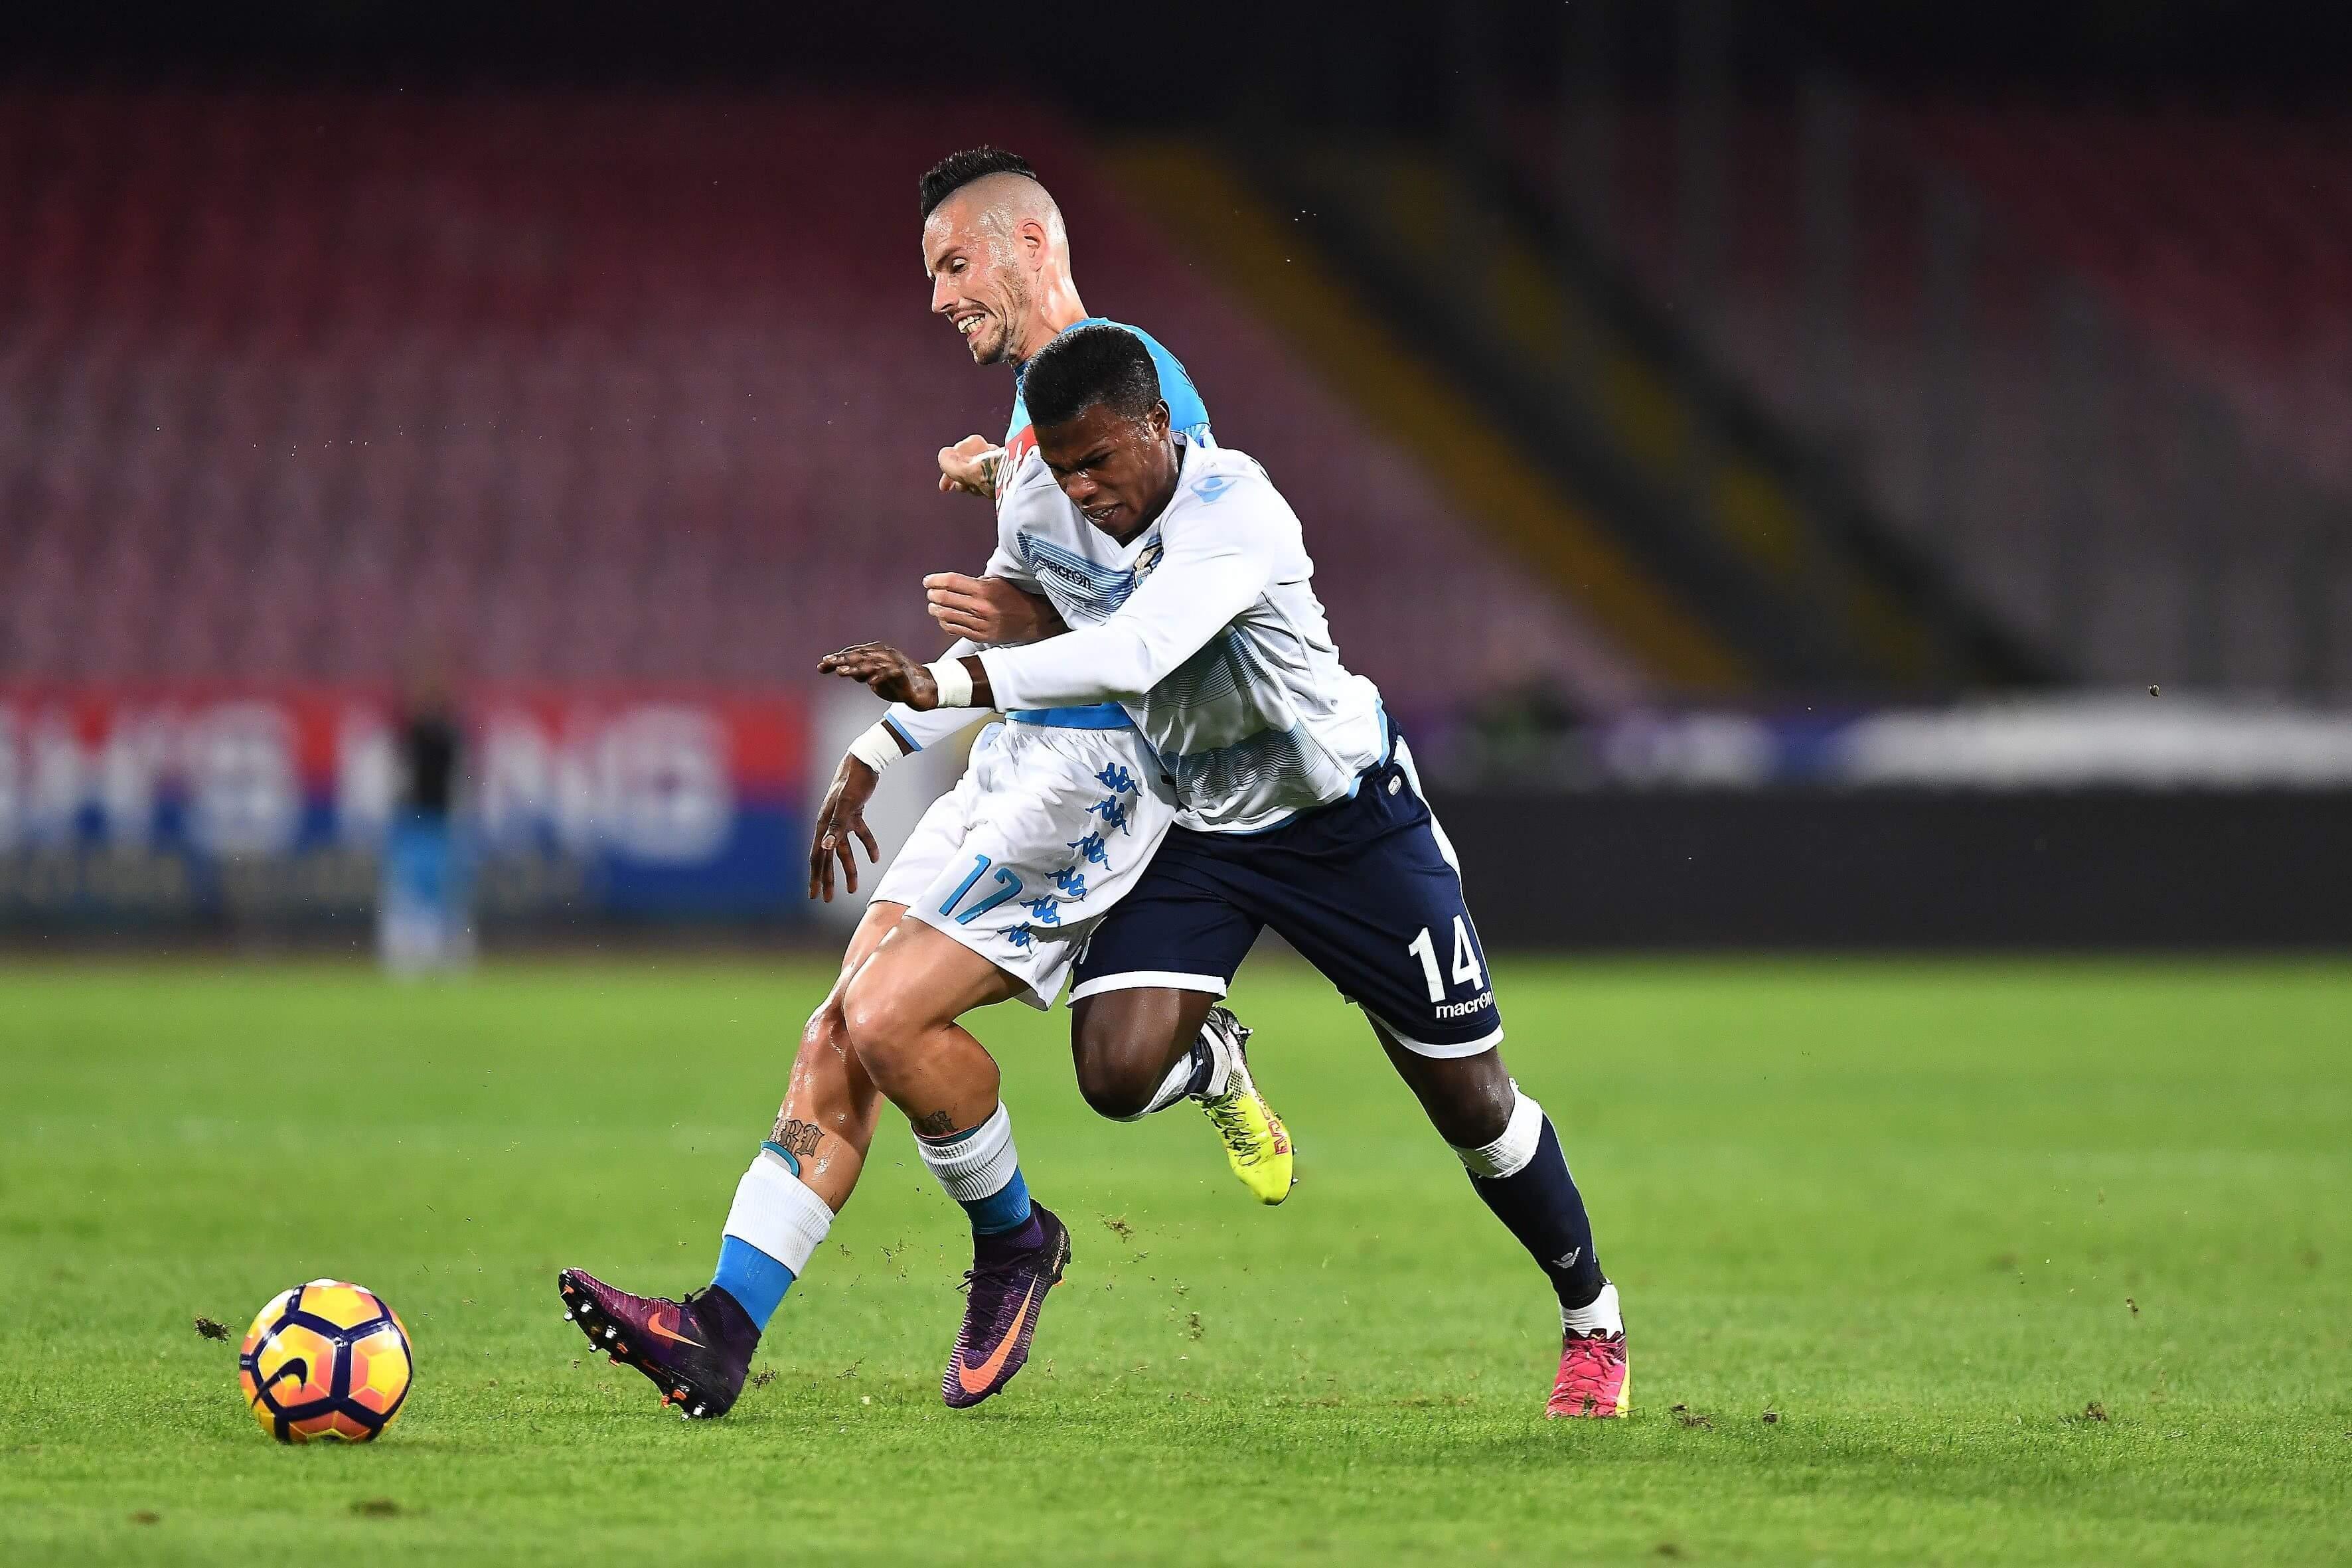 La Lazio con coraggio, Reina fatale: 1-1 Napoli-Lazio